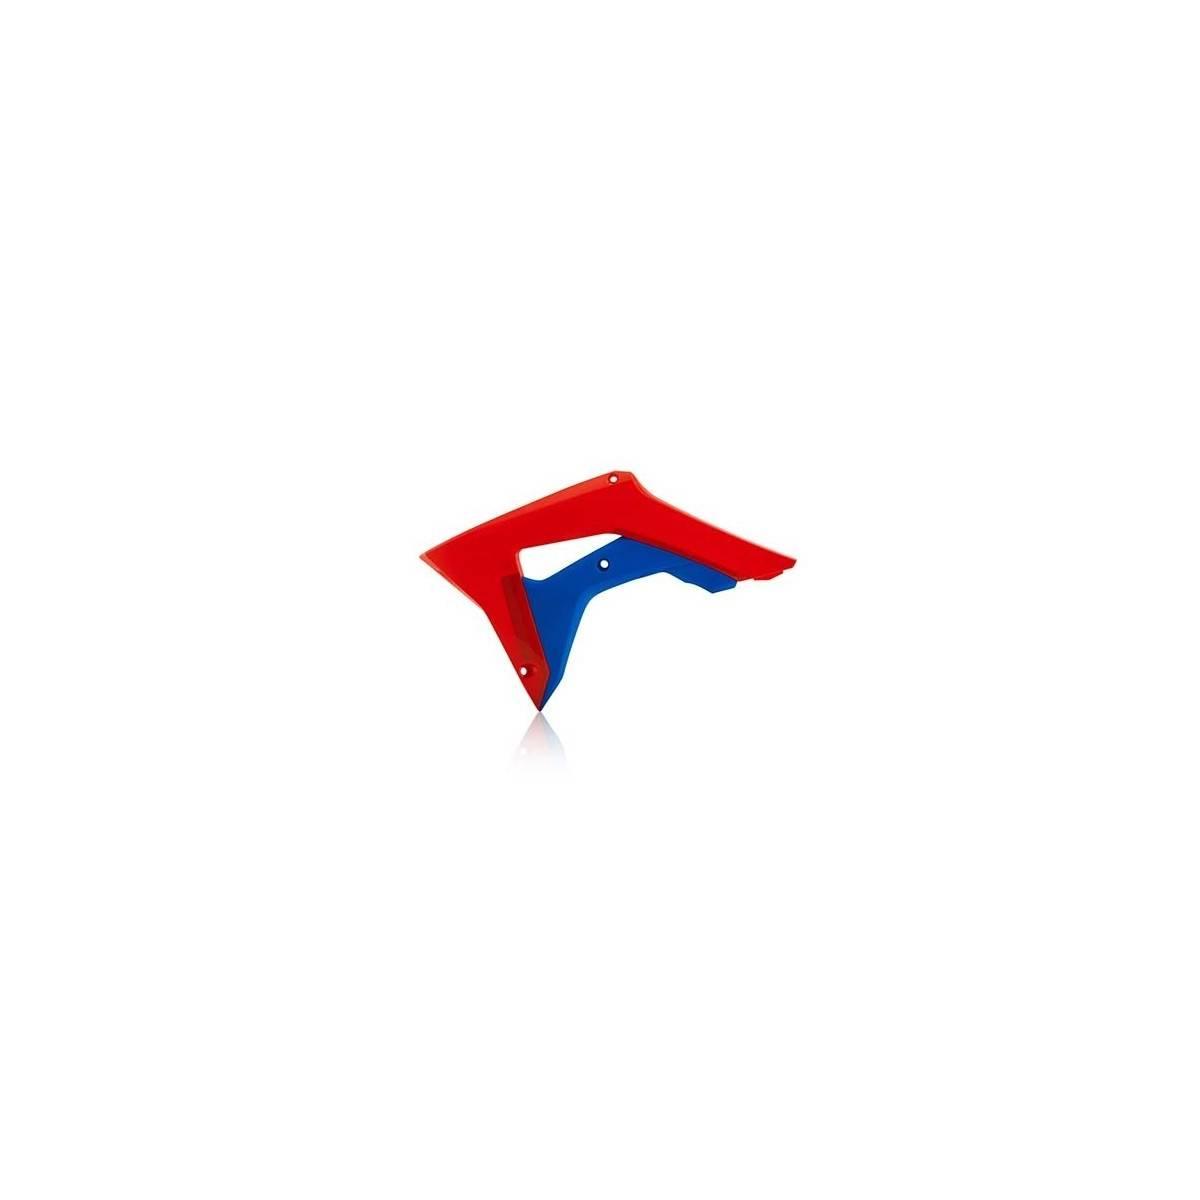 0022381-344 - Tapa Radiador Honda Crf 250R 18 Crf 450R 18.. Rojo Azul